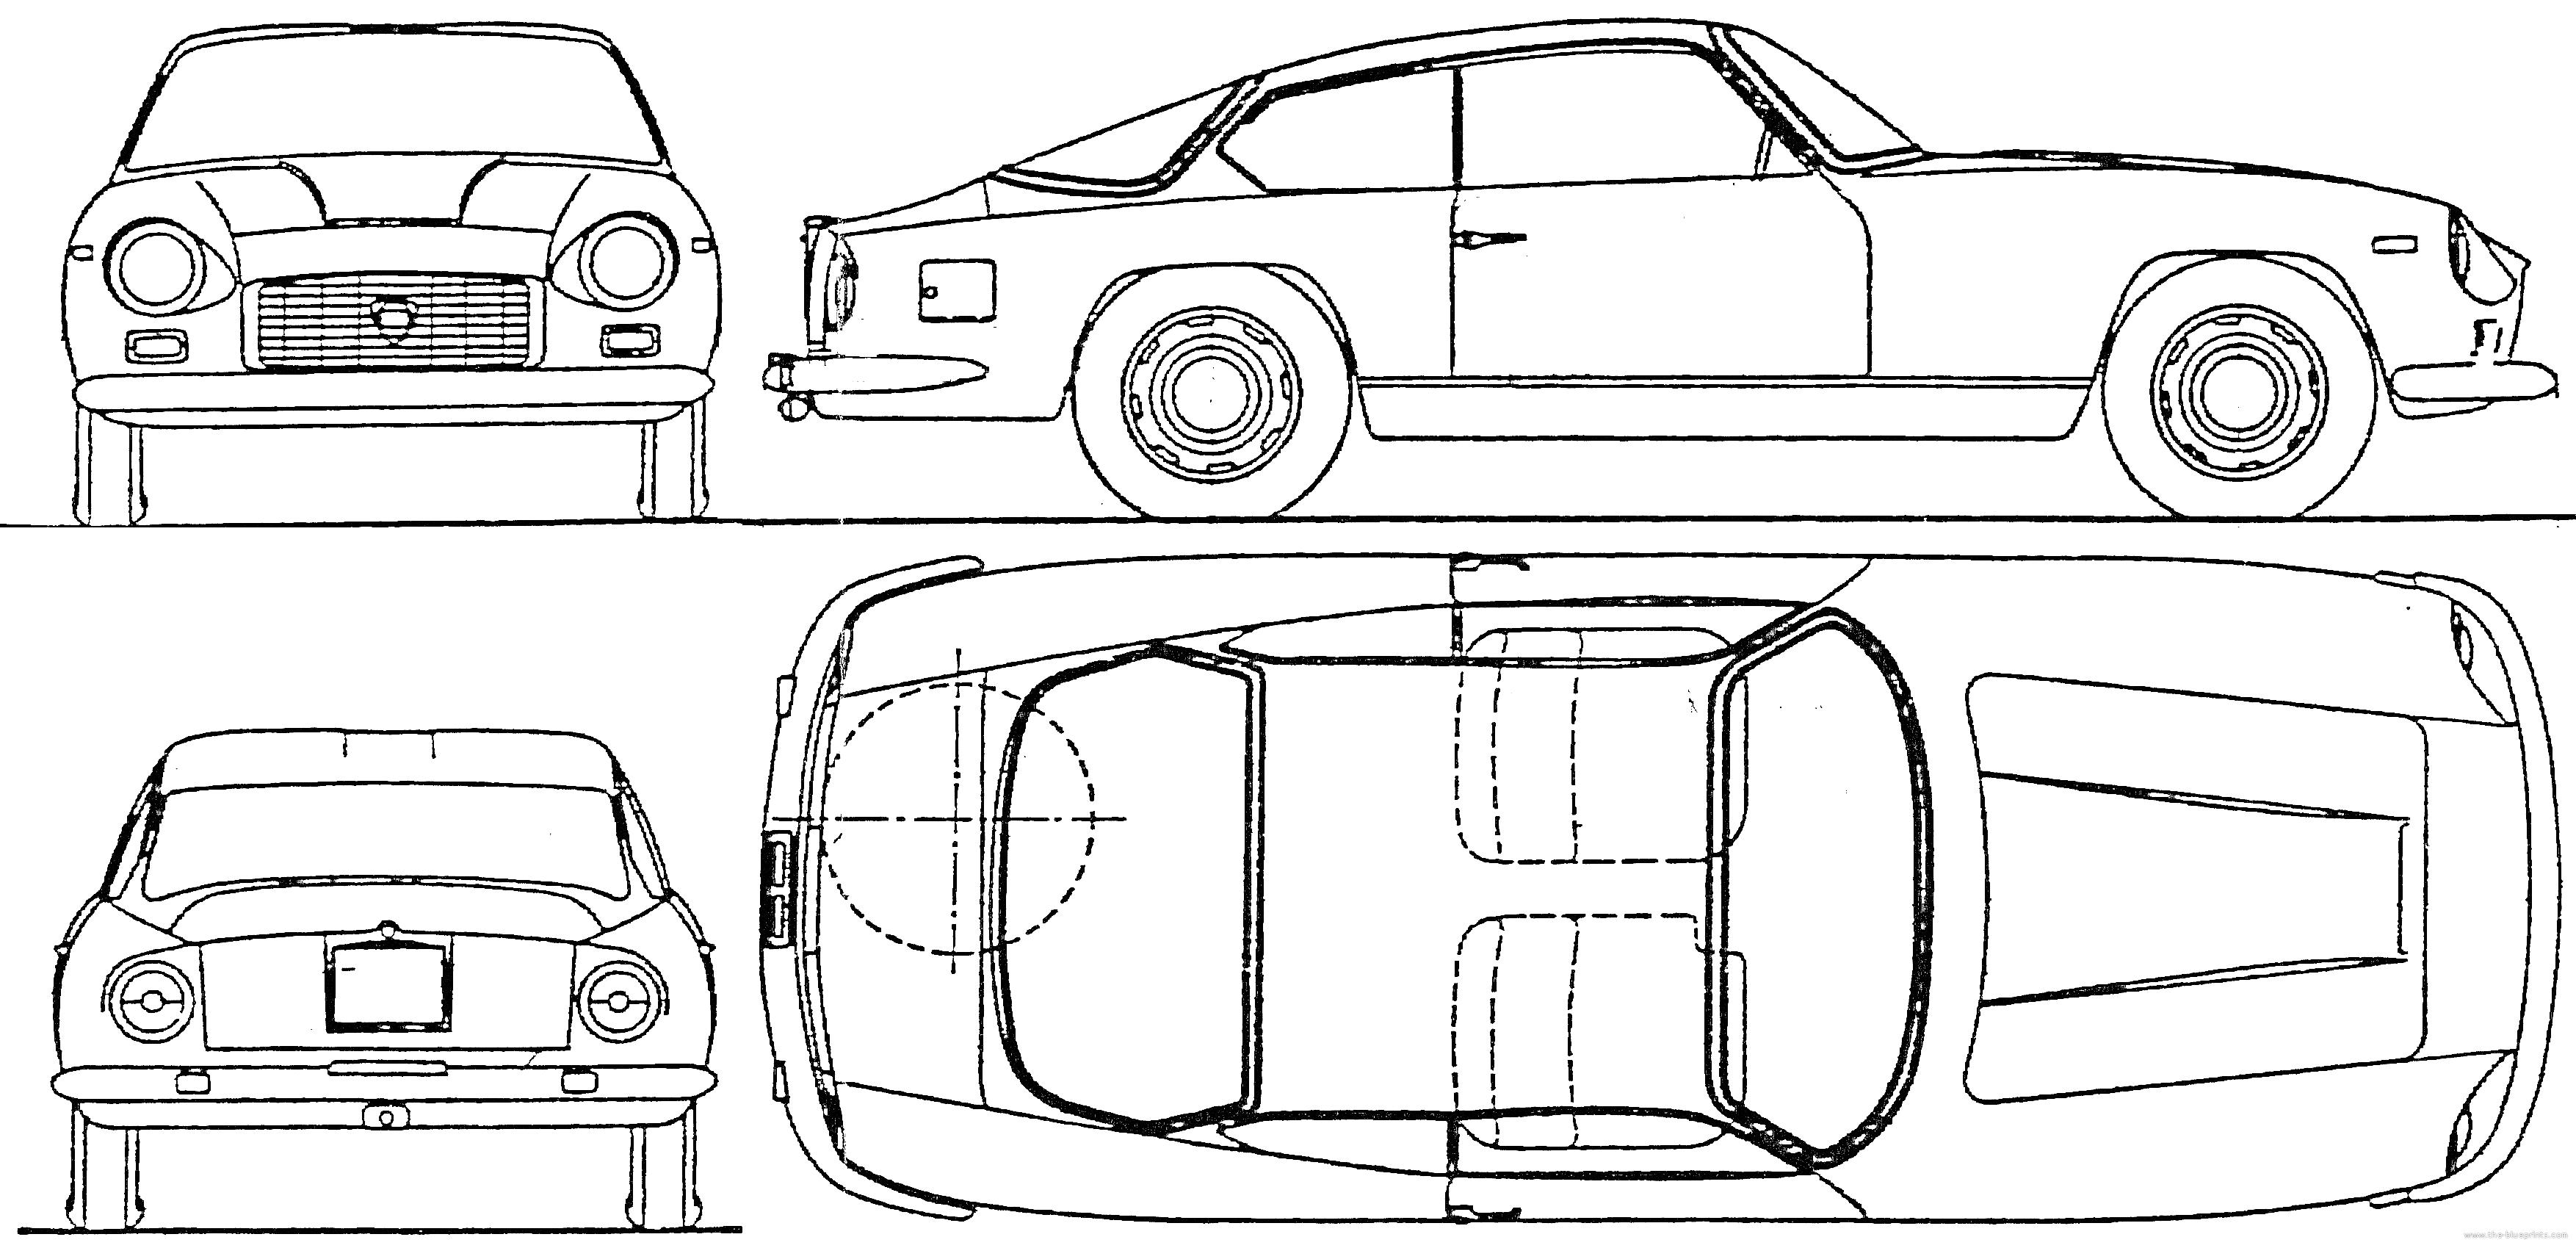 https://www.the-blueprints.com/blueprints-depot/cars/lancia/lancia-flaminia-3c-28-super-sport-1963.png